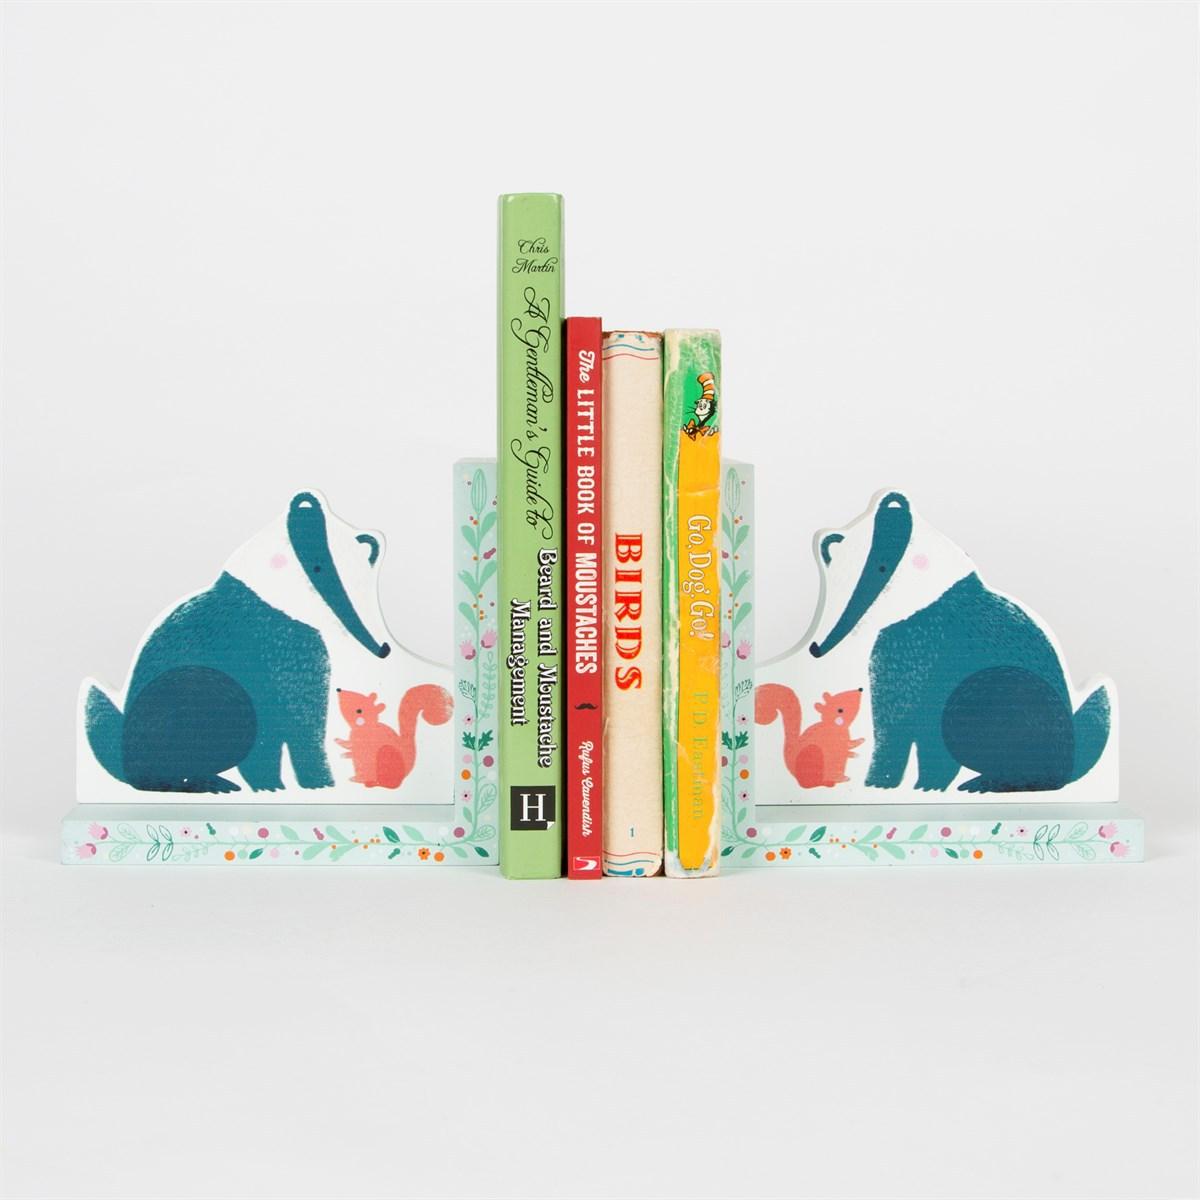 serre livres blaireau woodland friends heart341 achat vente livre carte sur. Black Bedroom Furniture Sets. Home Design Ideas